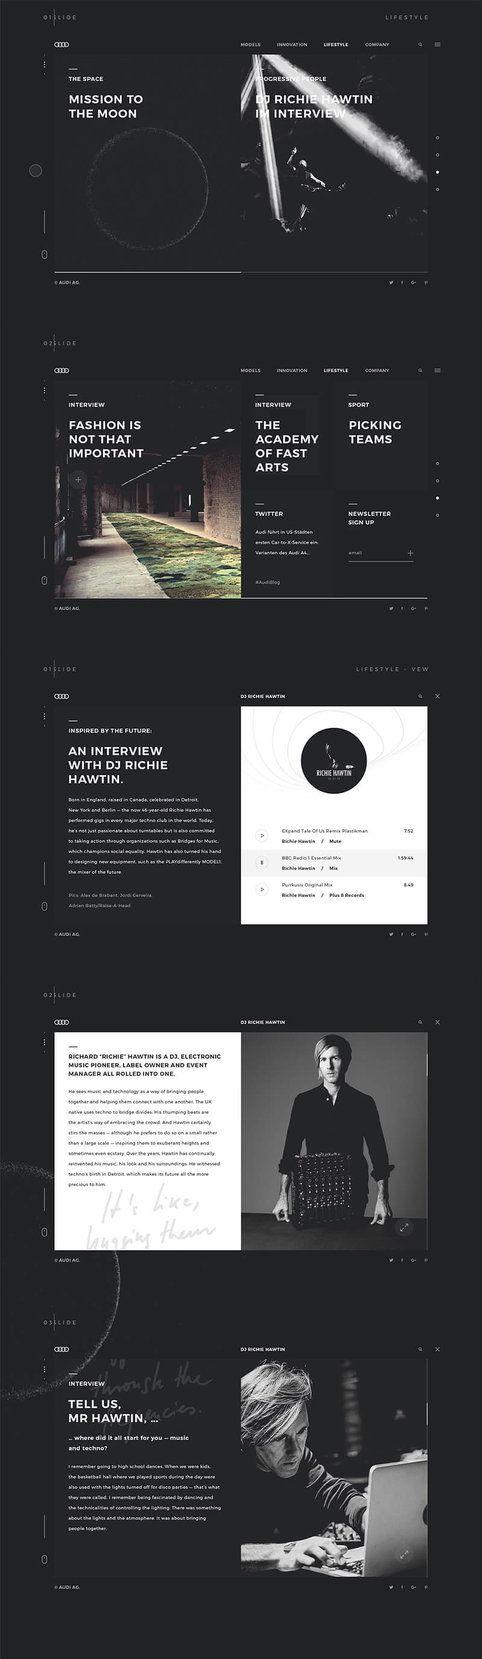 Audi3 #ui #ux #userexperience #website #webdesign #design